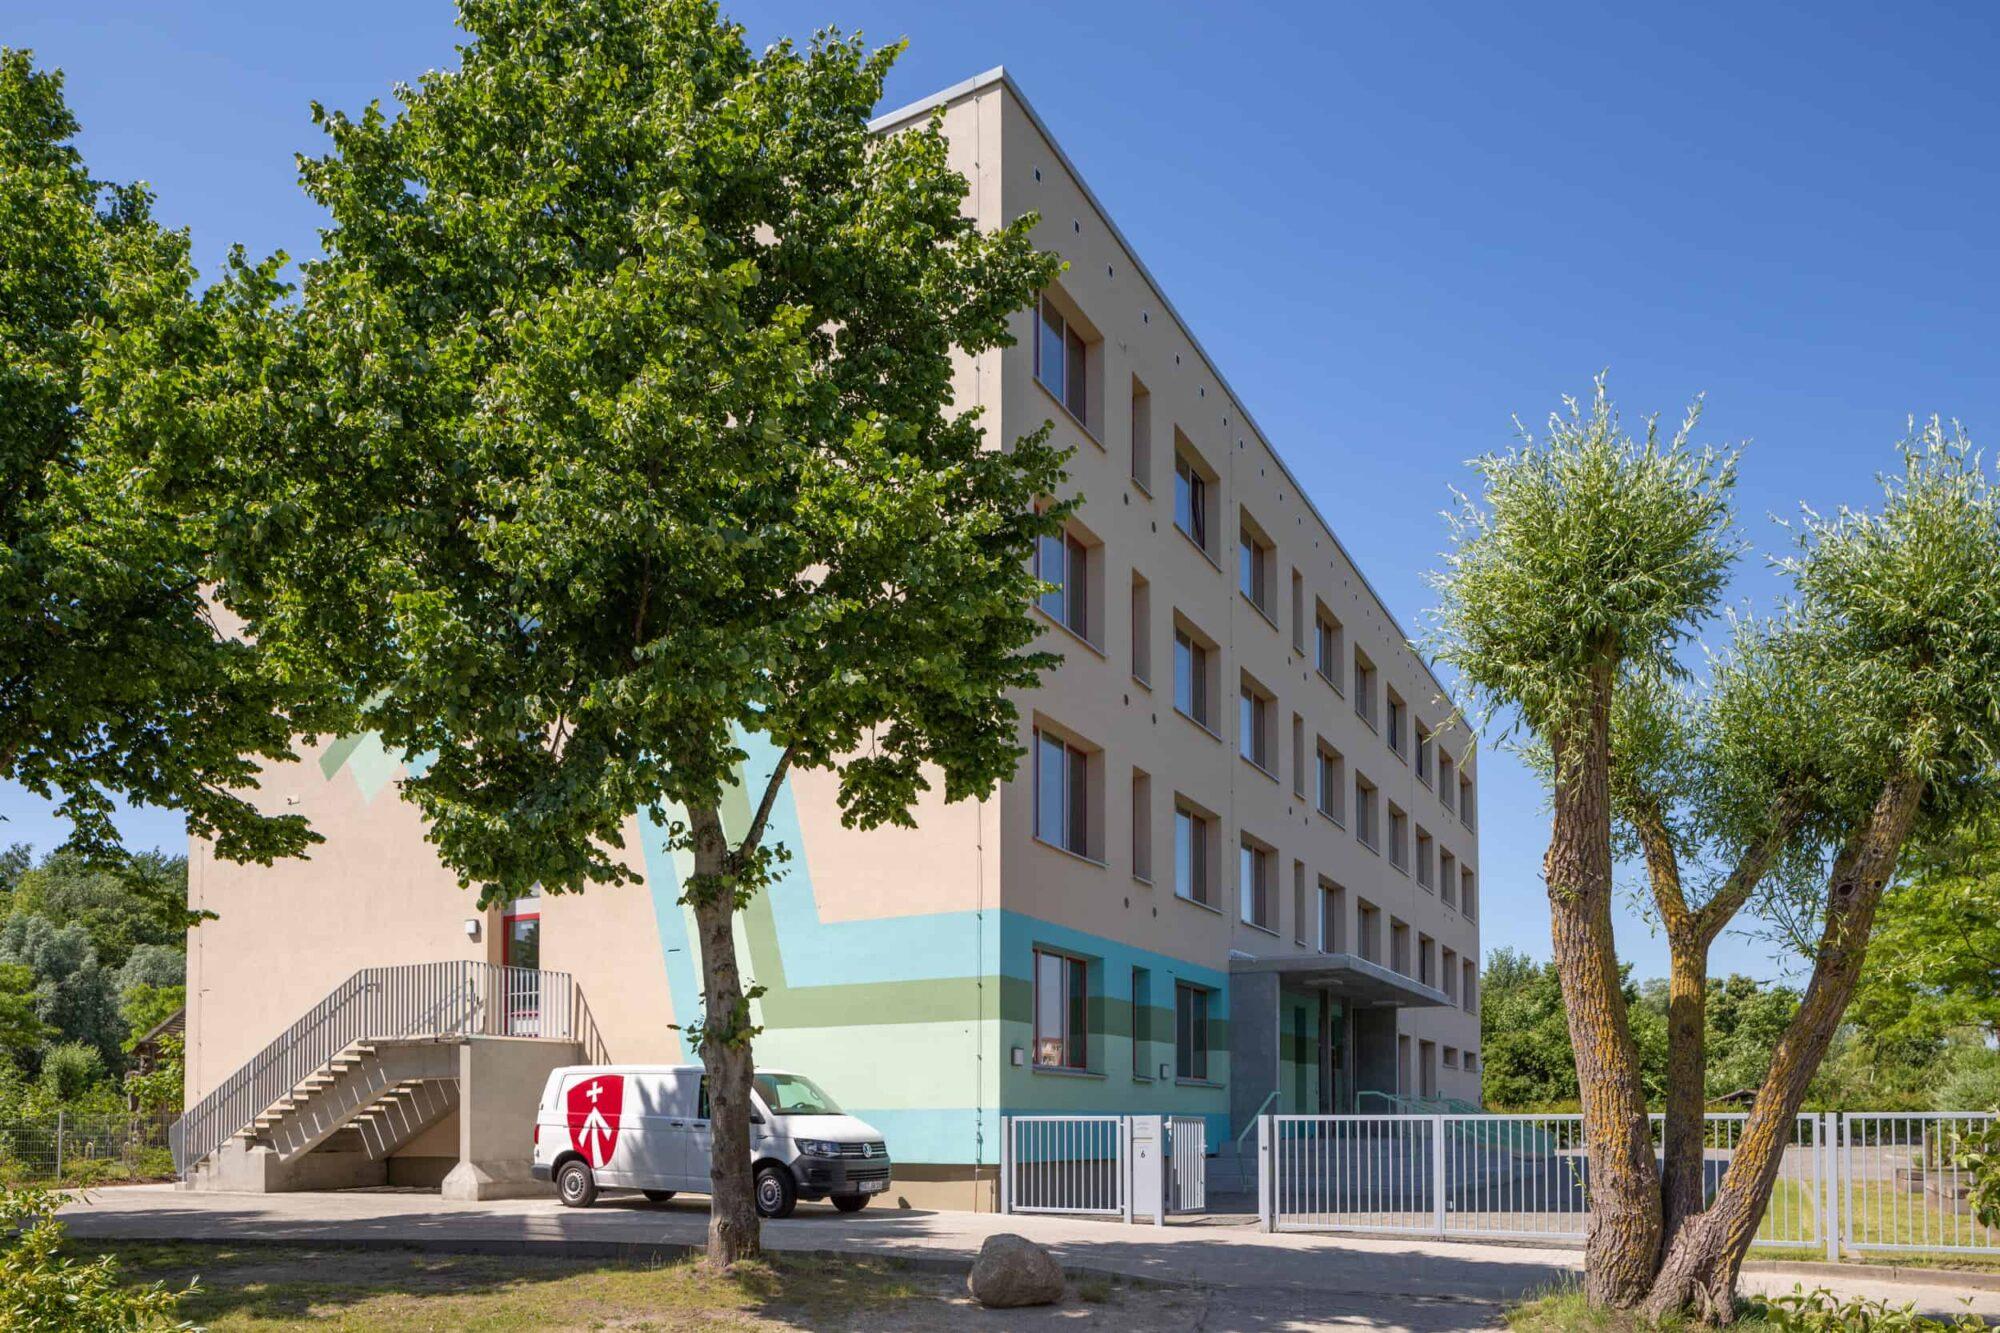 Ferdinand von Schill Grundschule Stralsund - Haupteingang